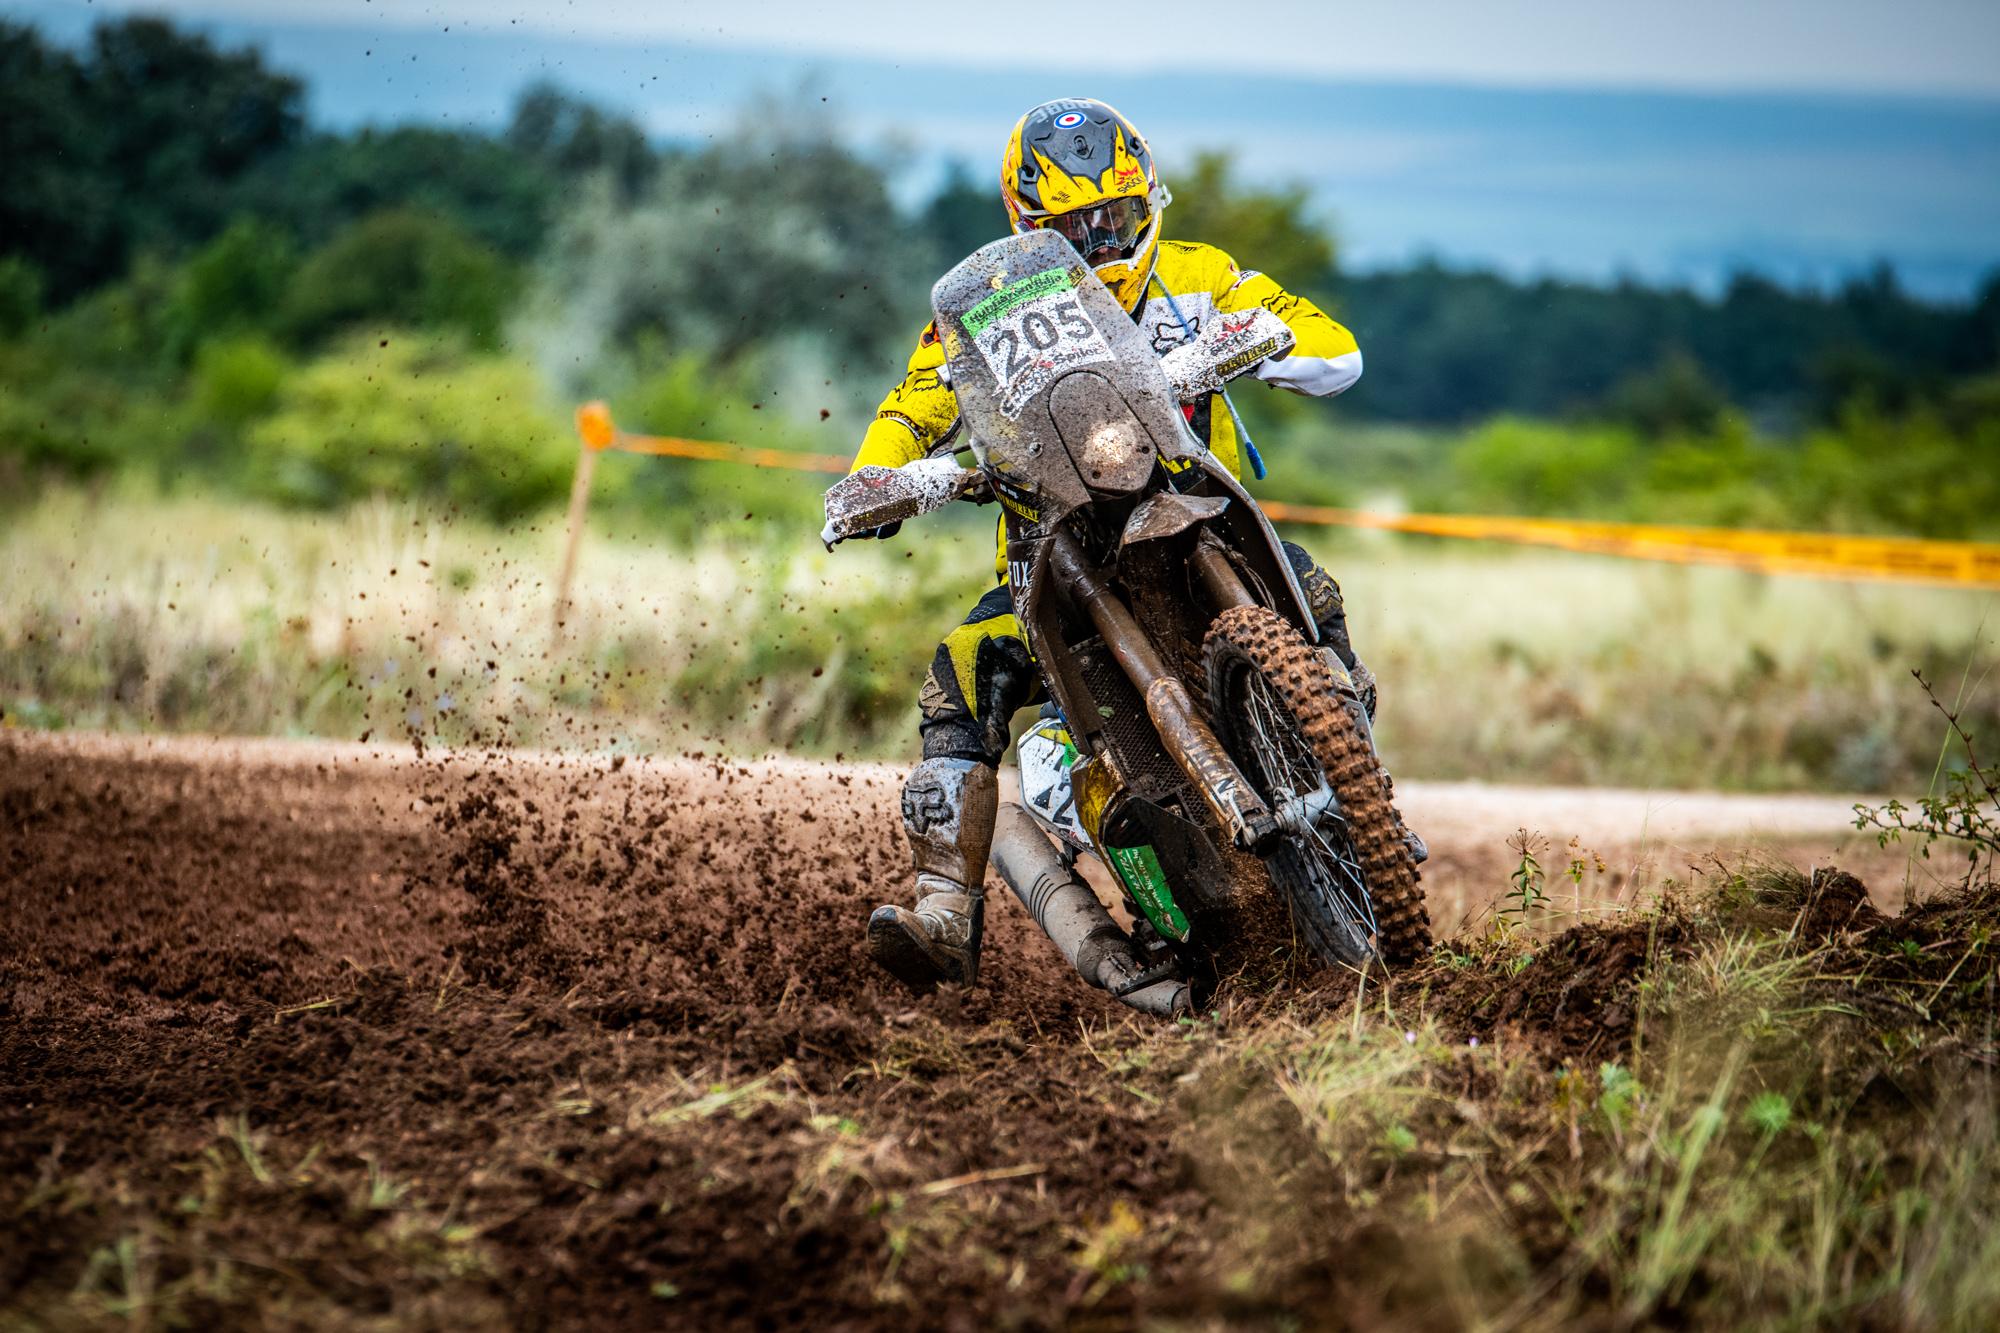 Skvělé! Jan Brabec vybojoval třetí místo v blátivé HunGarian Baja